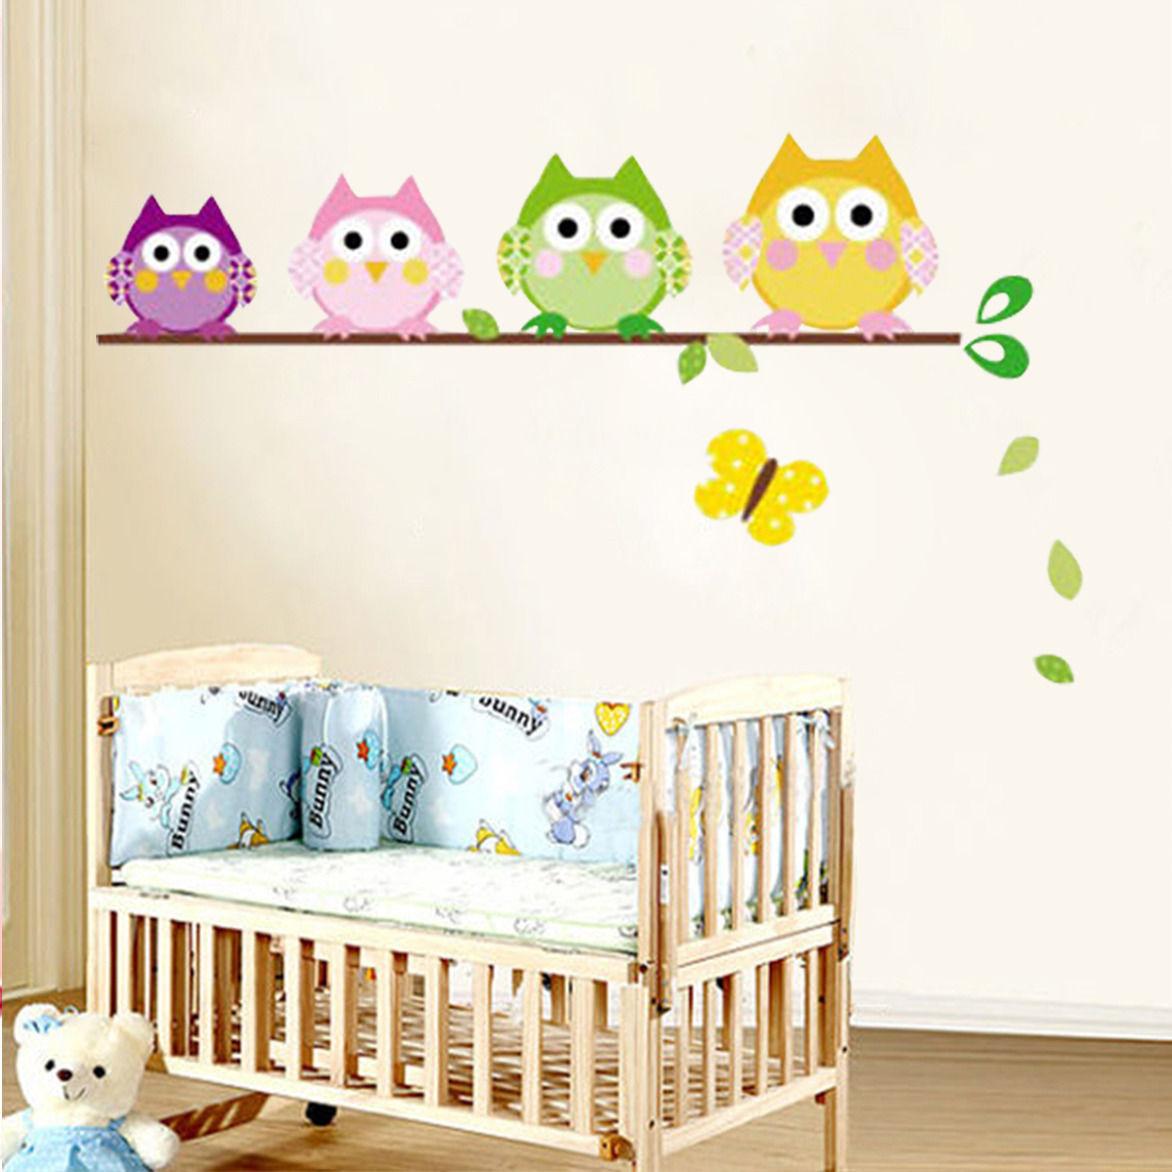 4 owls butterfly kids nursery decals wall sticker decor butterfly flower garden wall sticker for nursery school